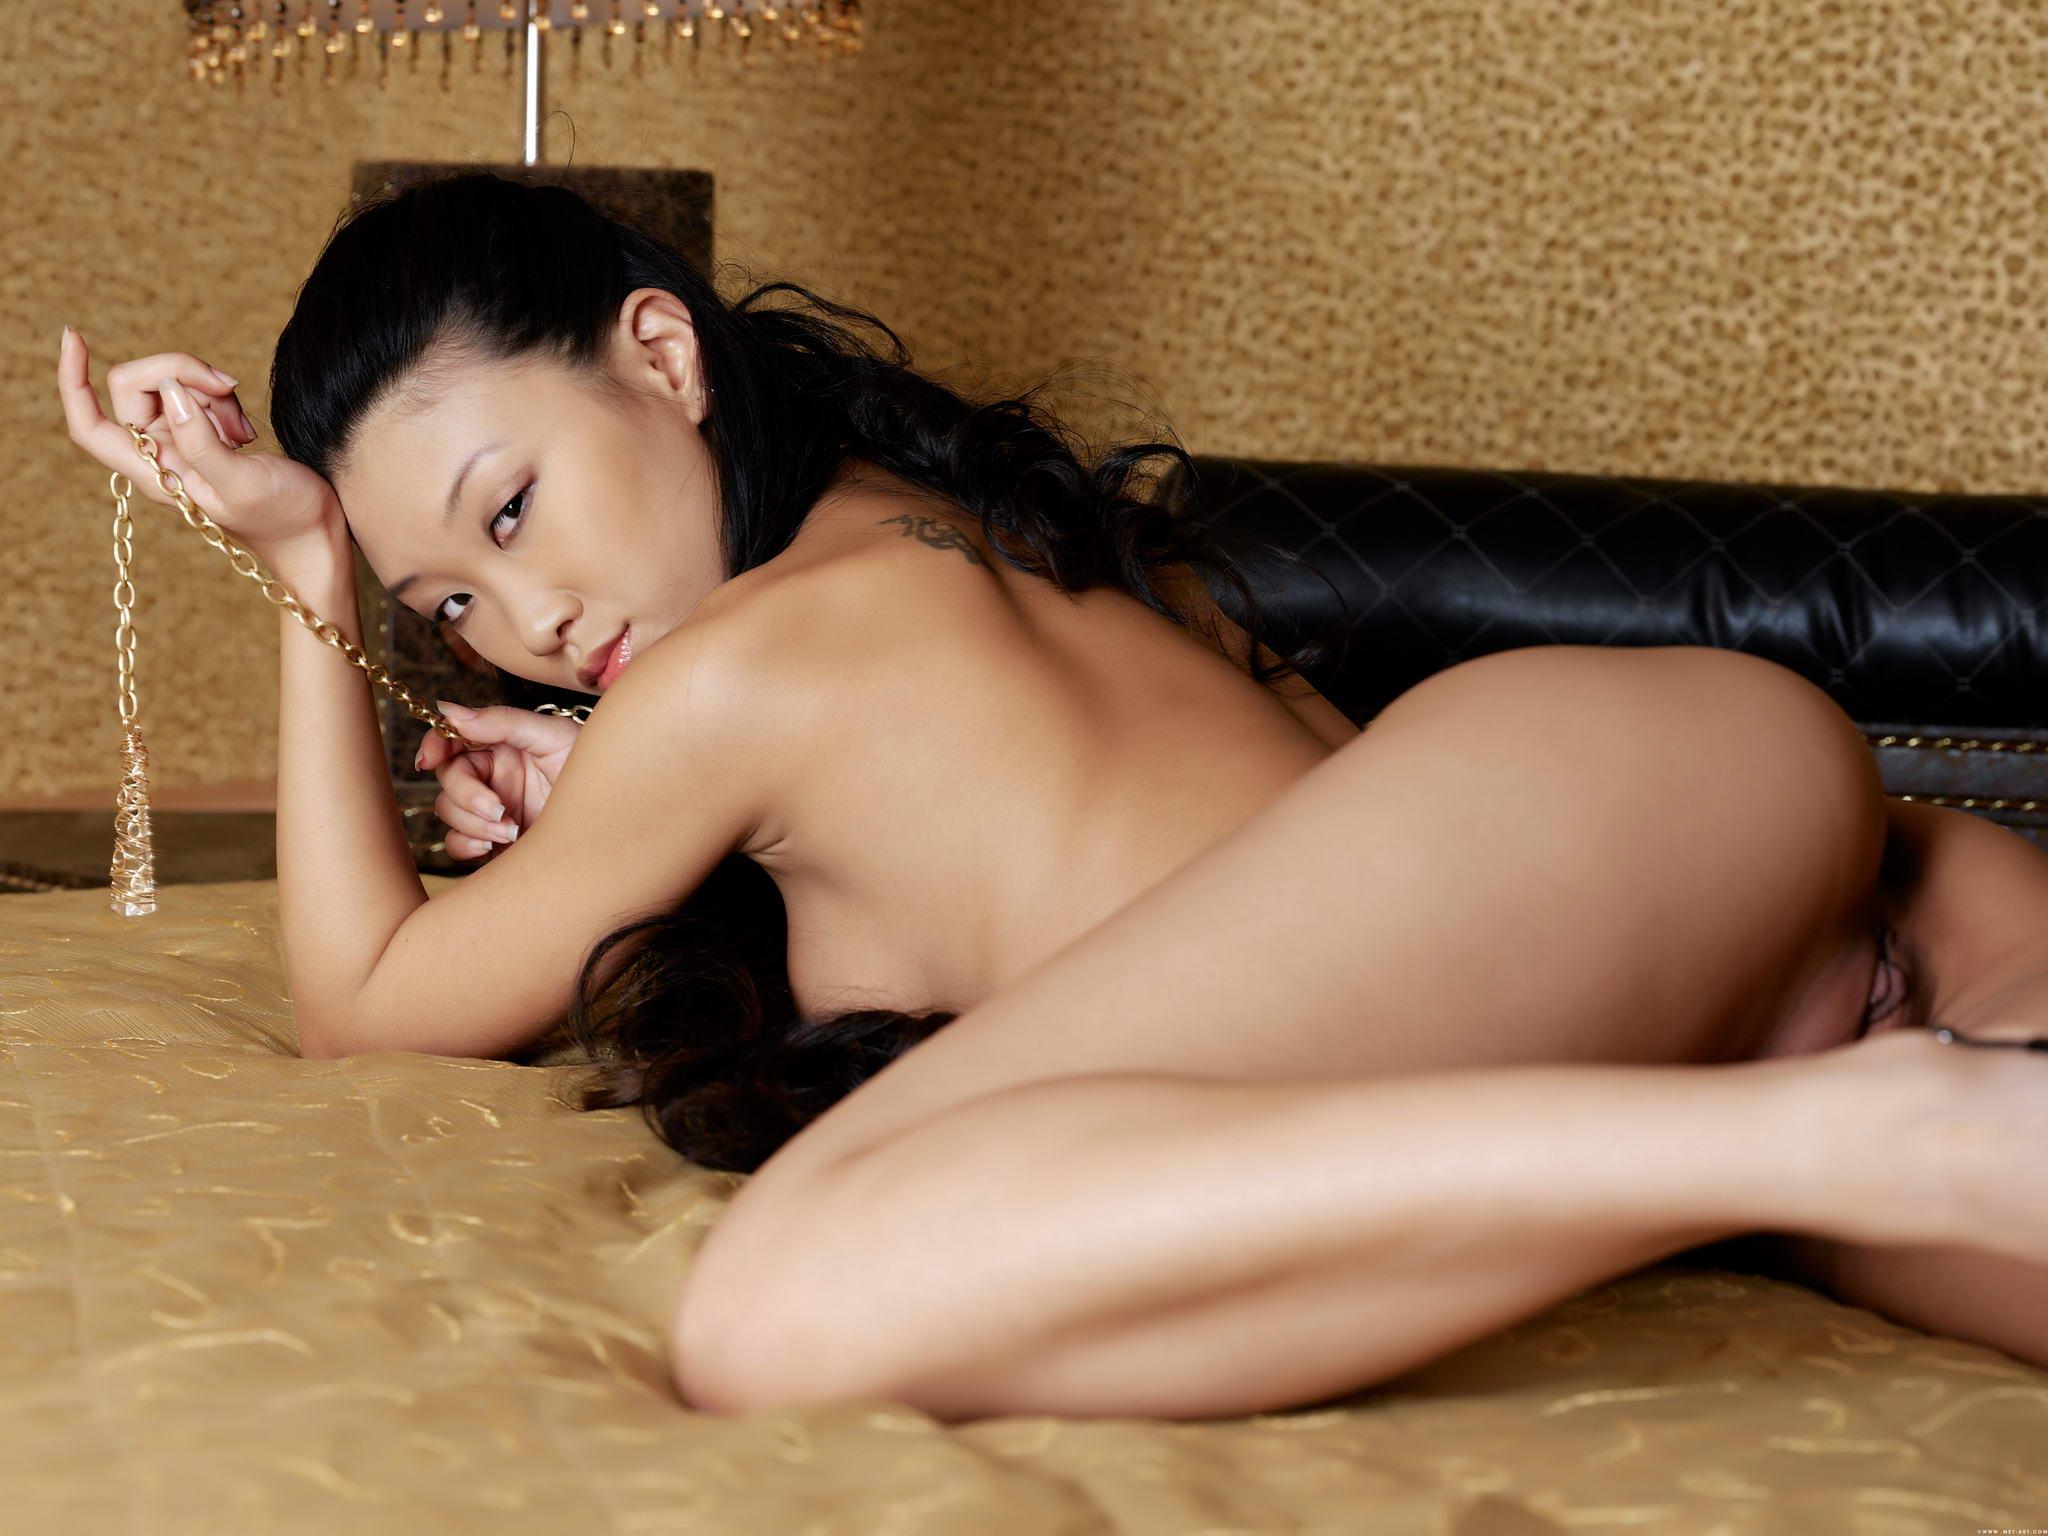 самые красивые девушки кыргызстана эротика его отношение меня